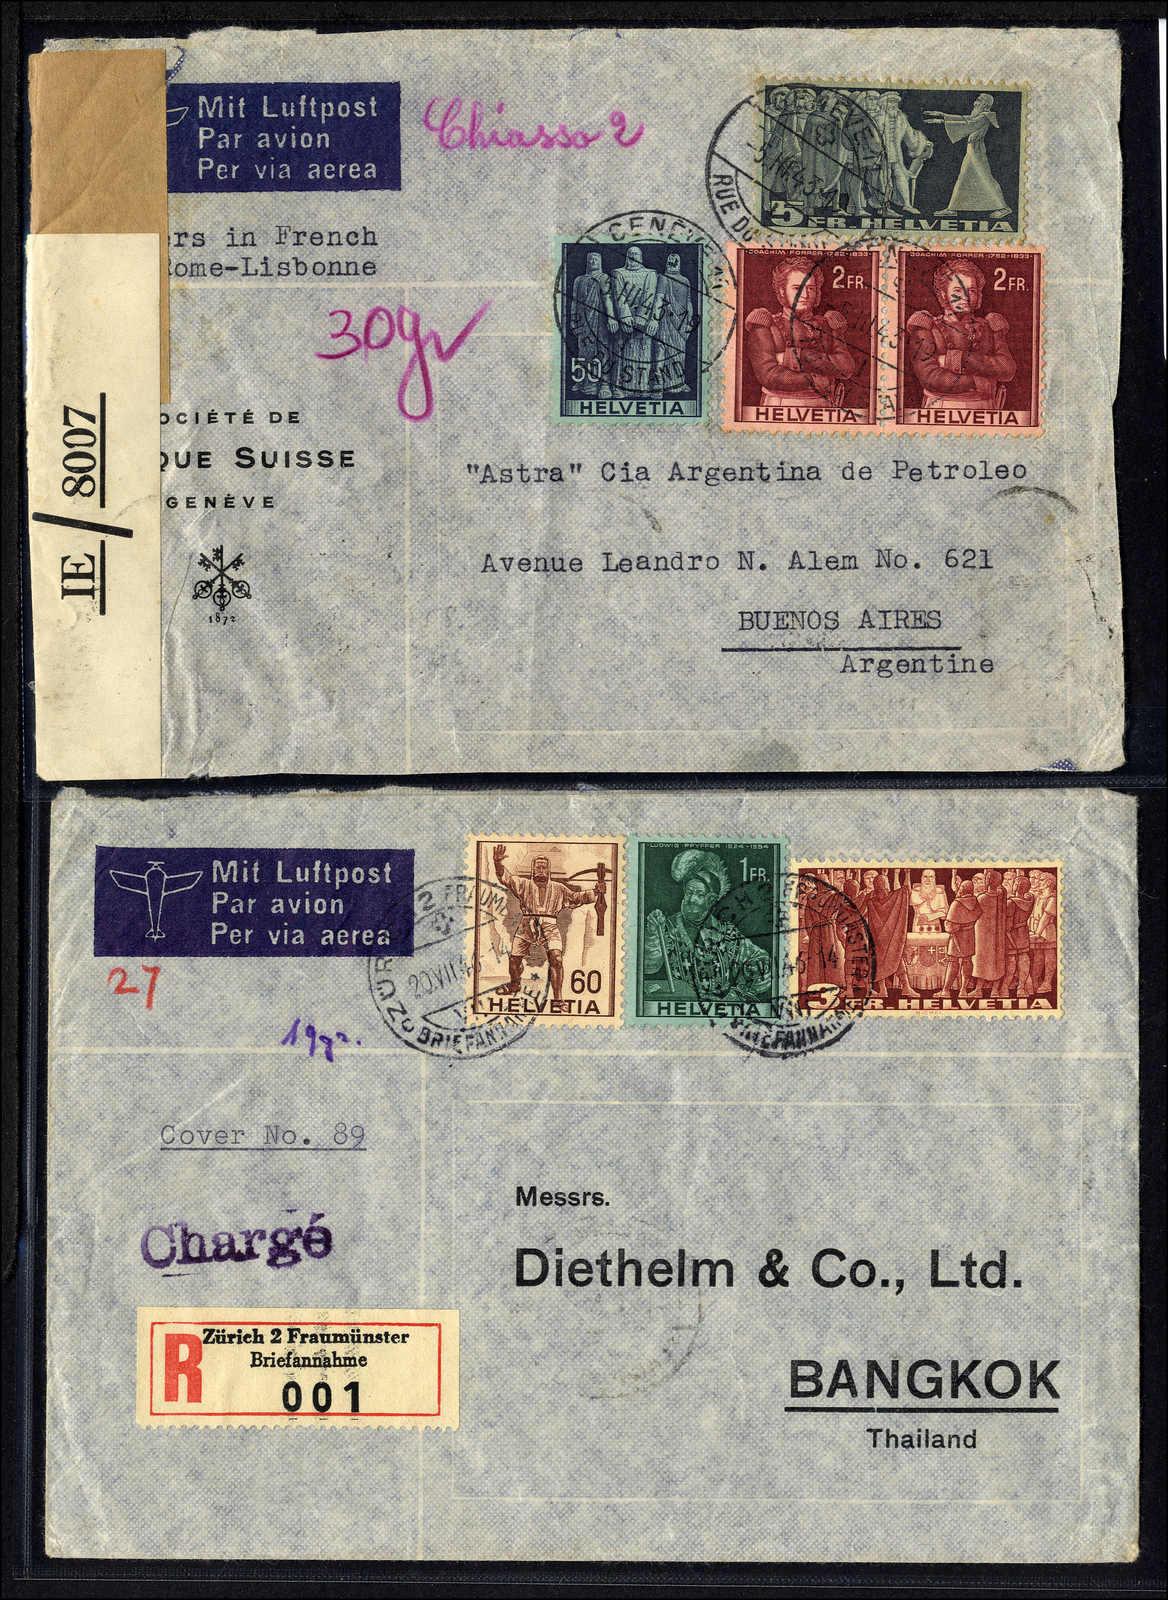 Lot 118 - schweiz schweiz -  Rolli Auctions Auction #68 Day 1